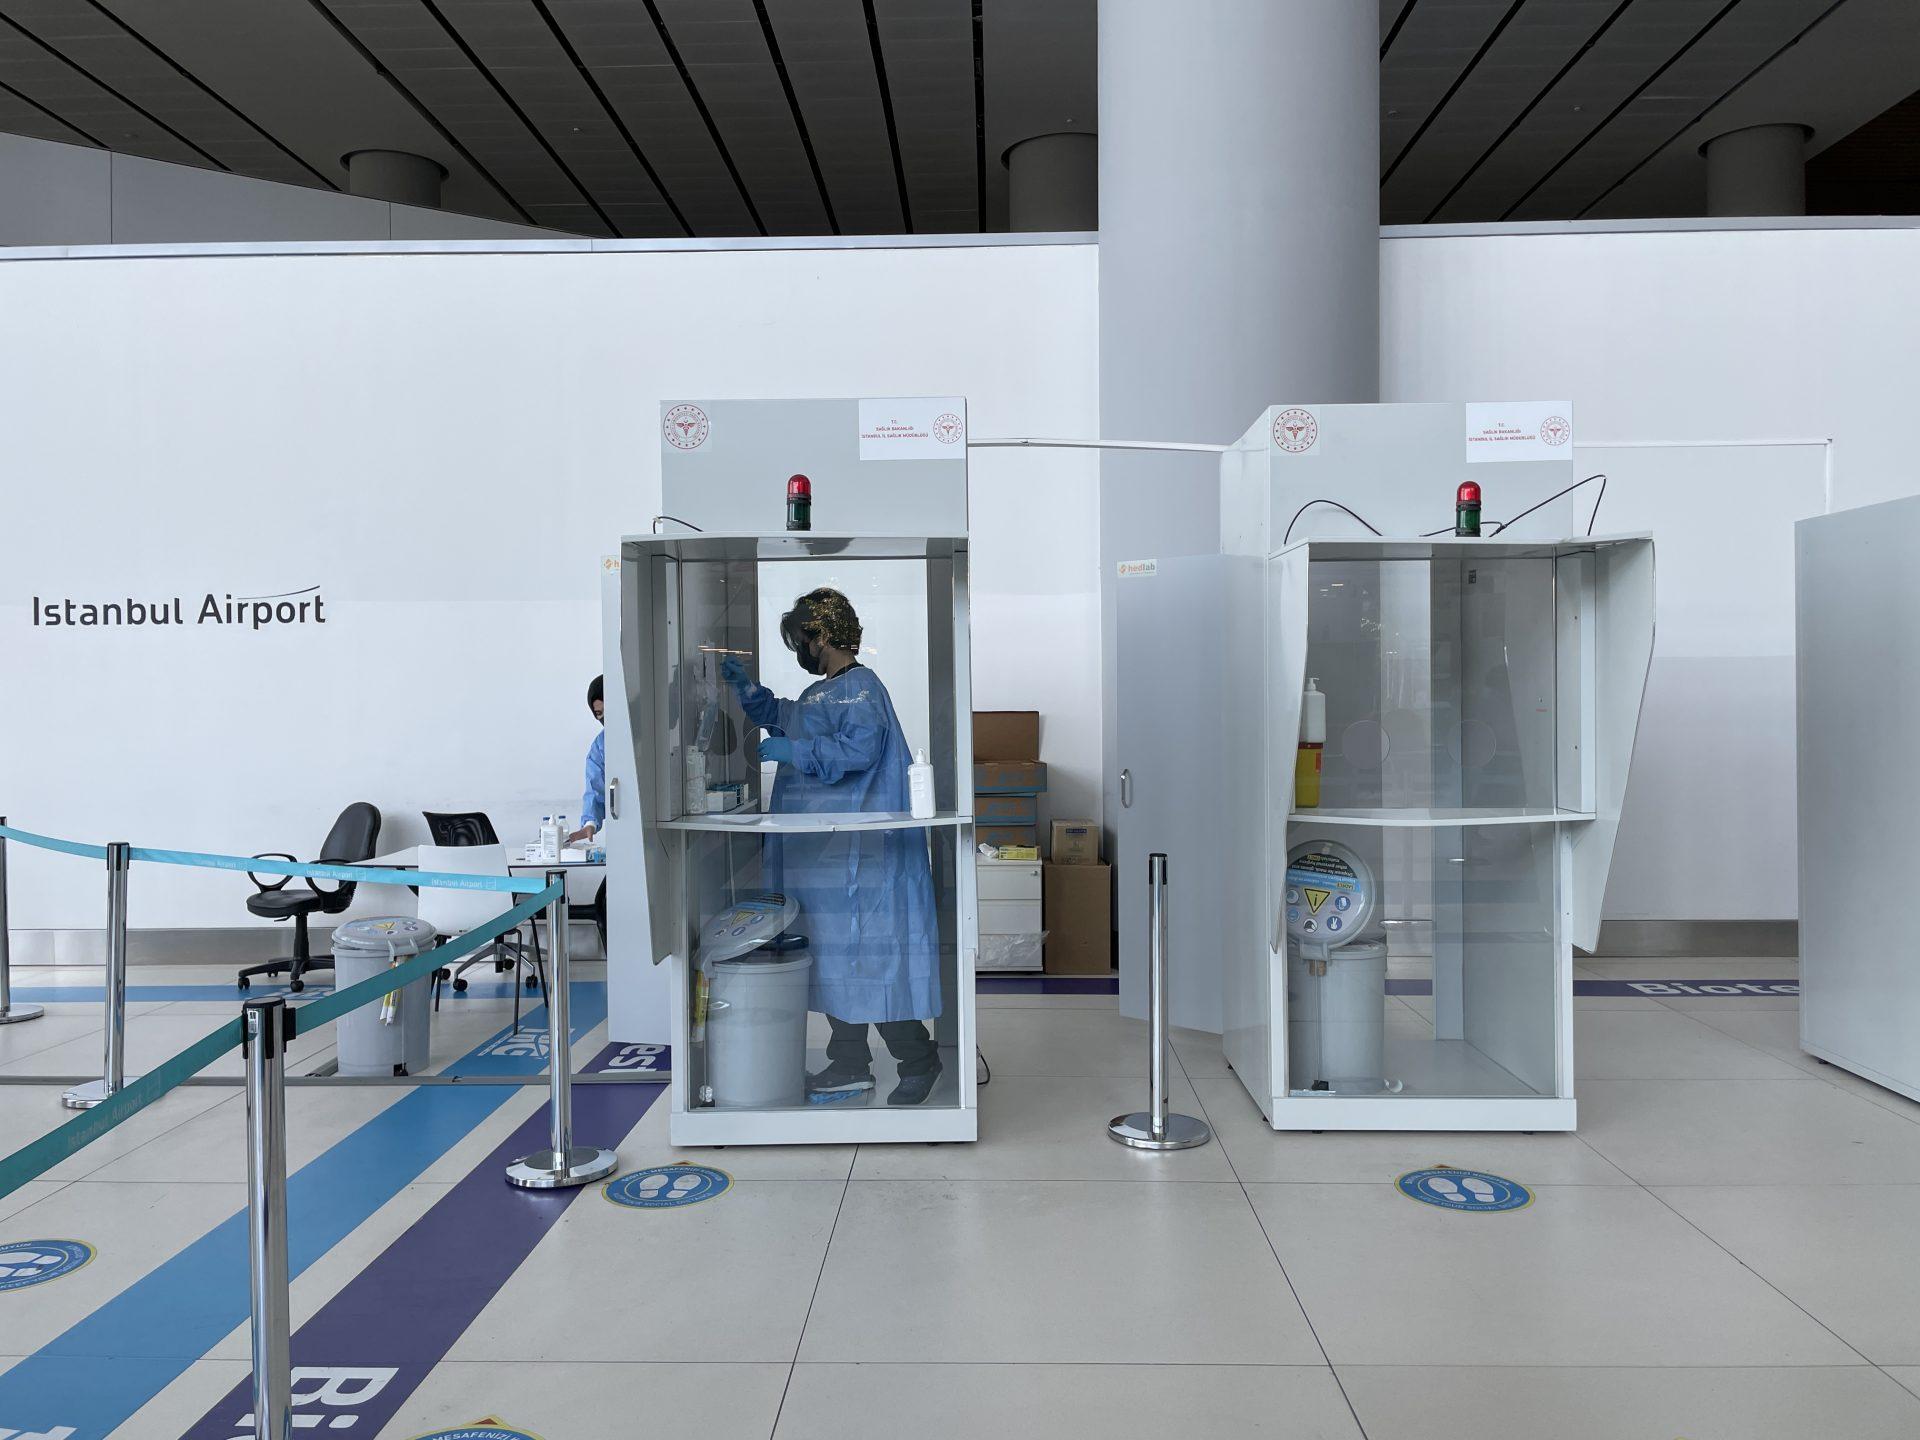 【イスタンブール空港】フライト当日 PCR検査の場所や金額など詳細 & トルコ出国→アメリカ入国実録